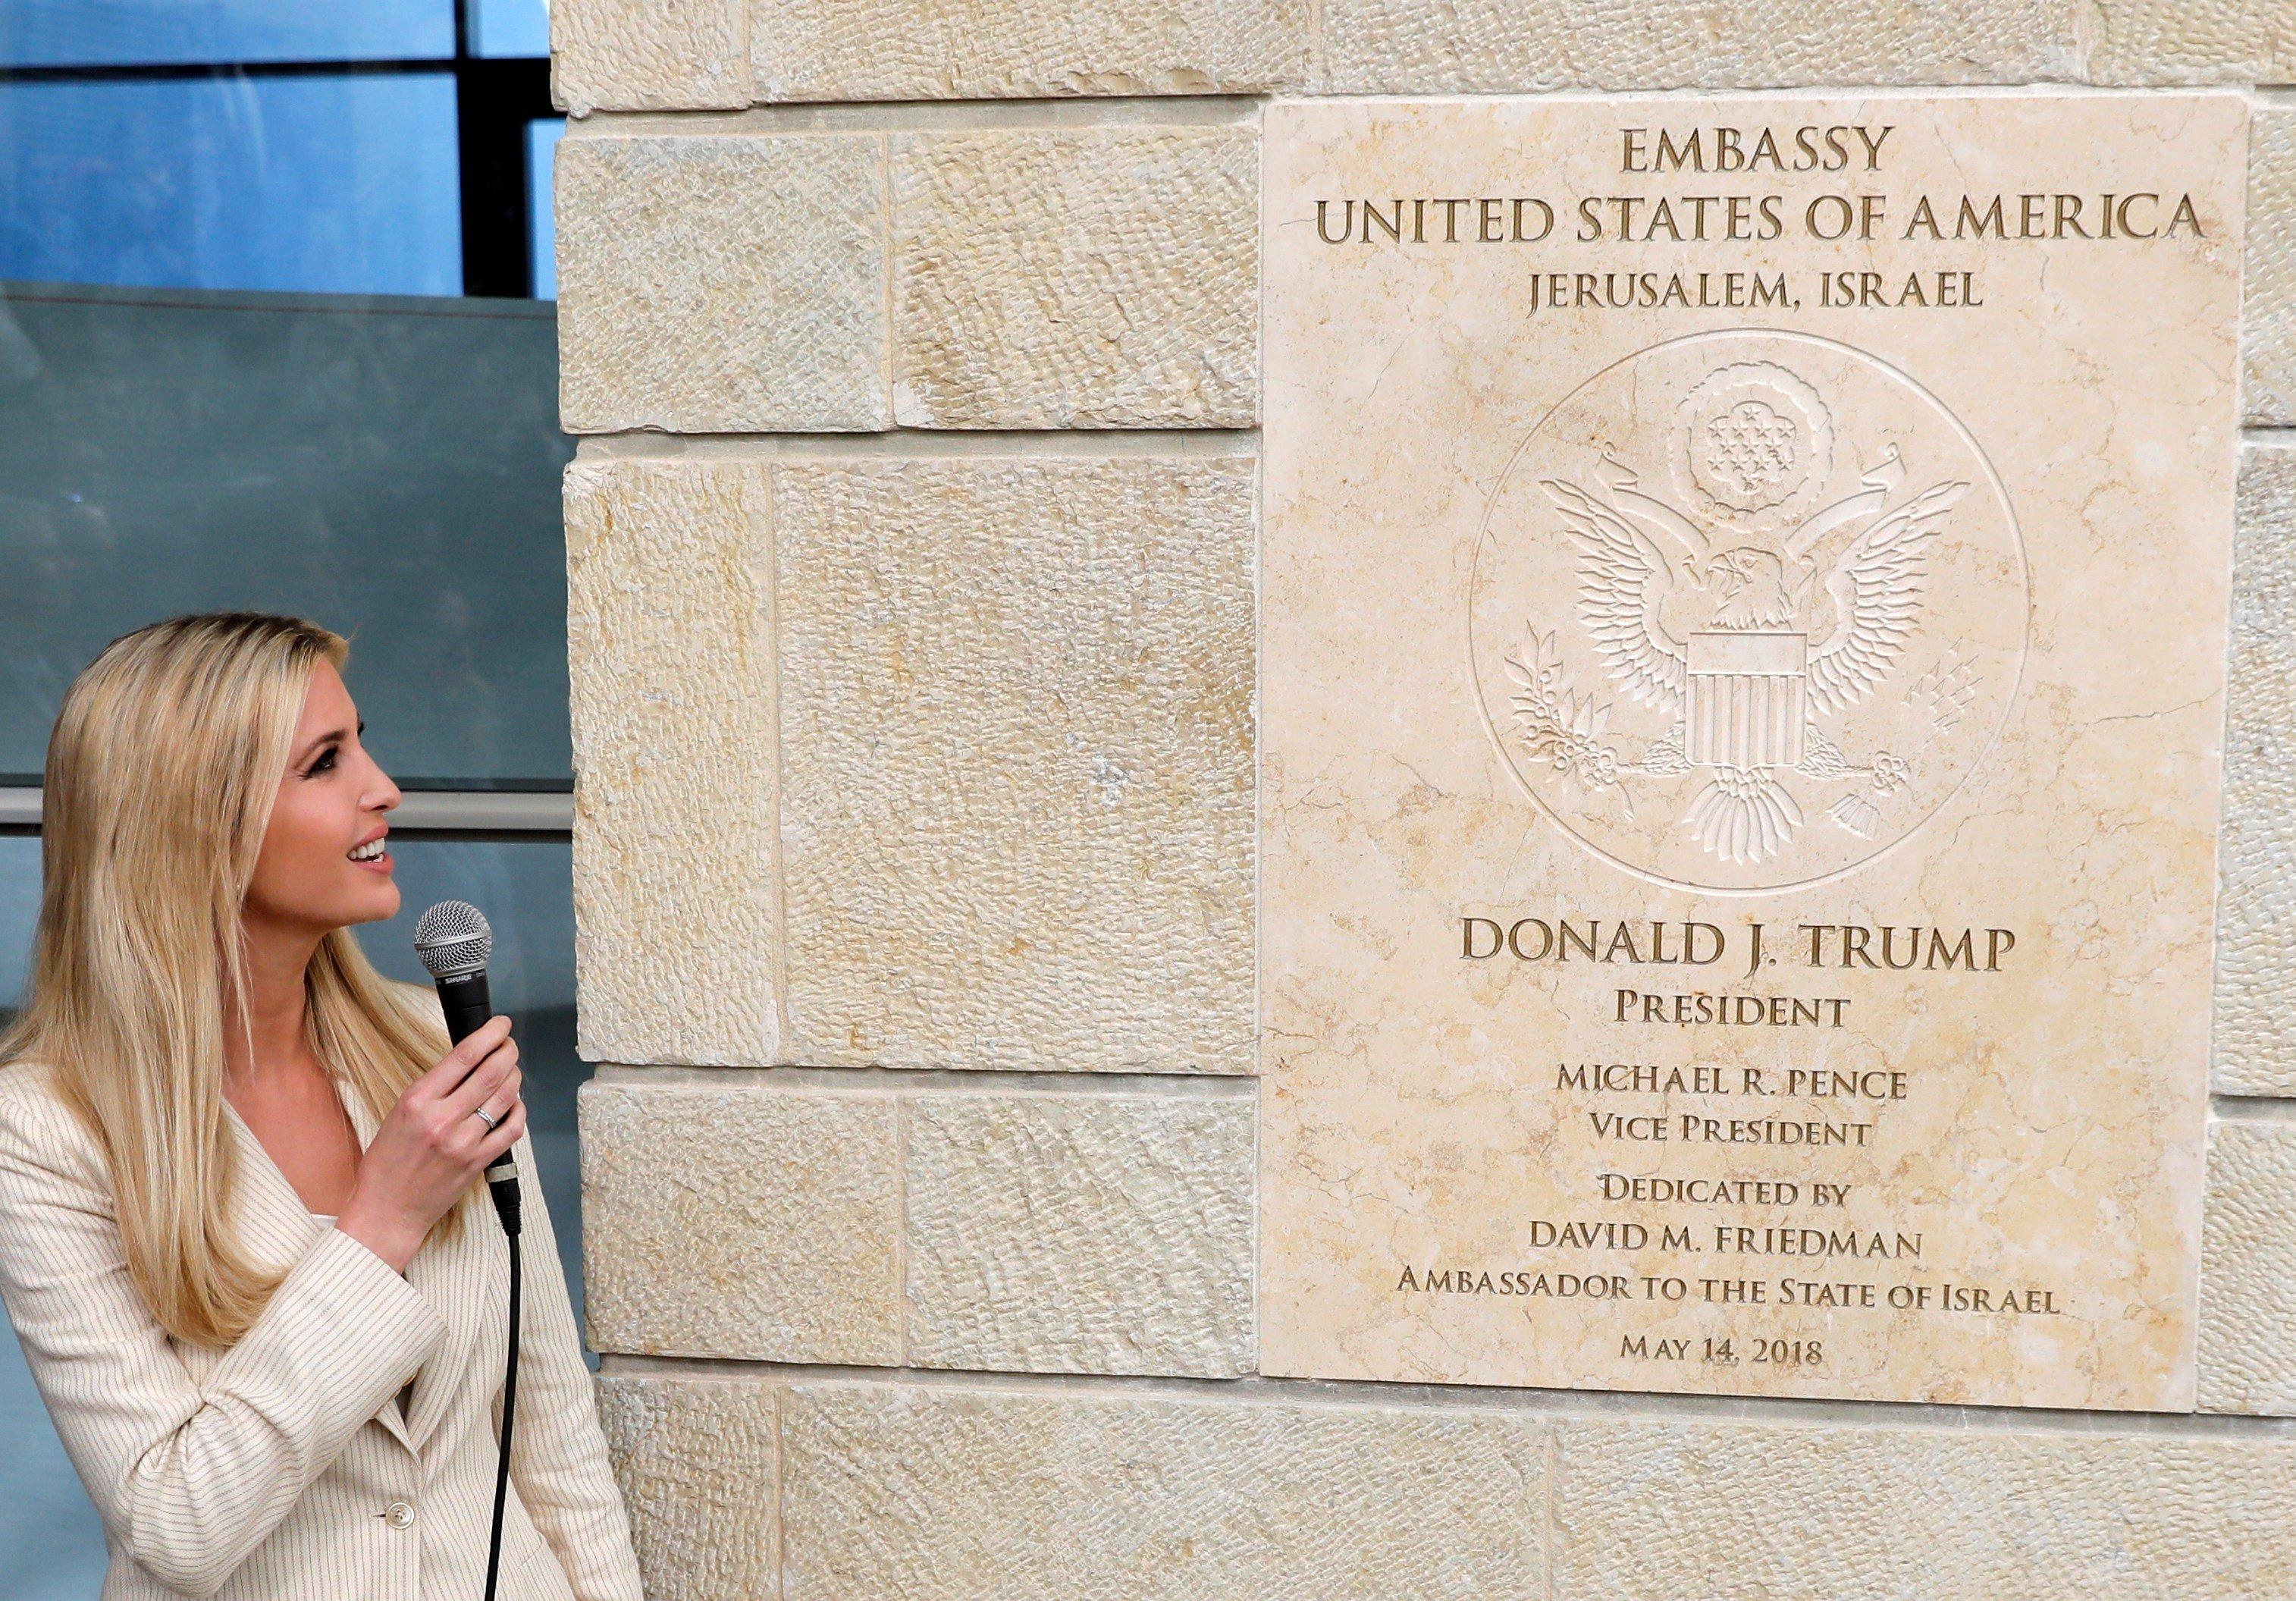 EEUU no sabe aún cuando finalizará el traspaso de su Embajada a Jerusalén